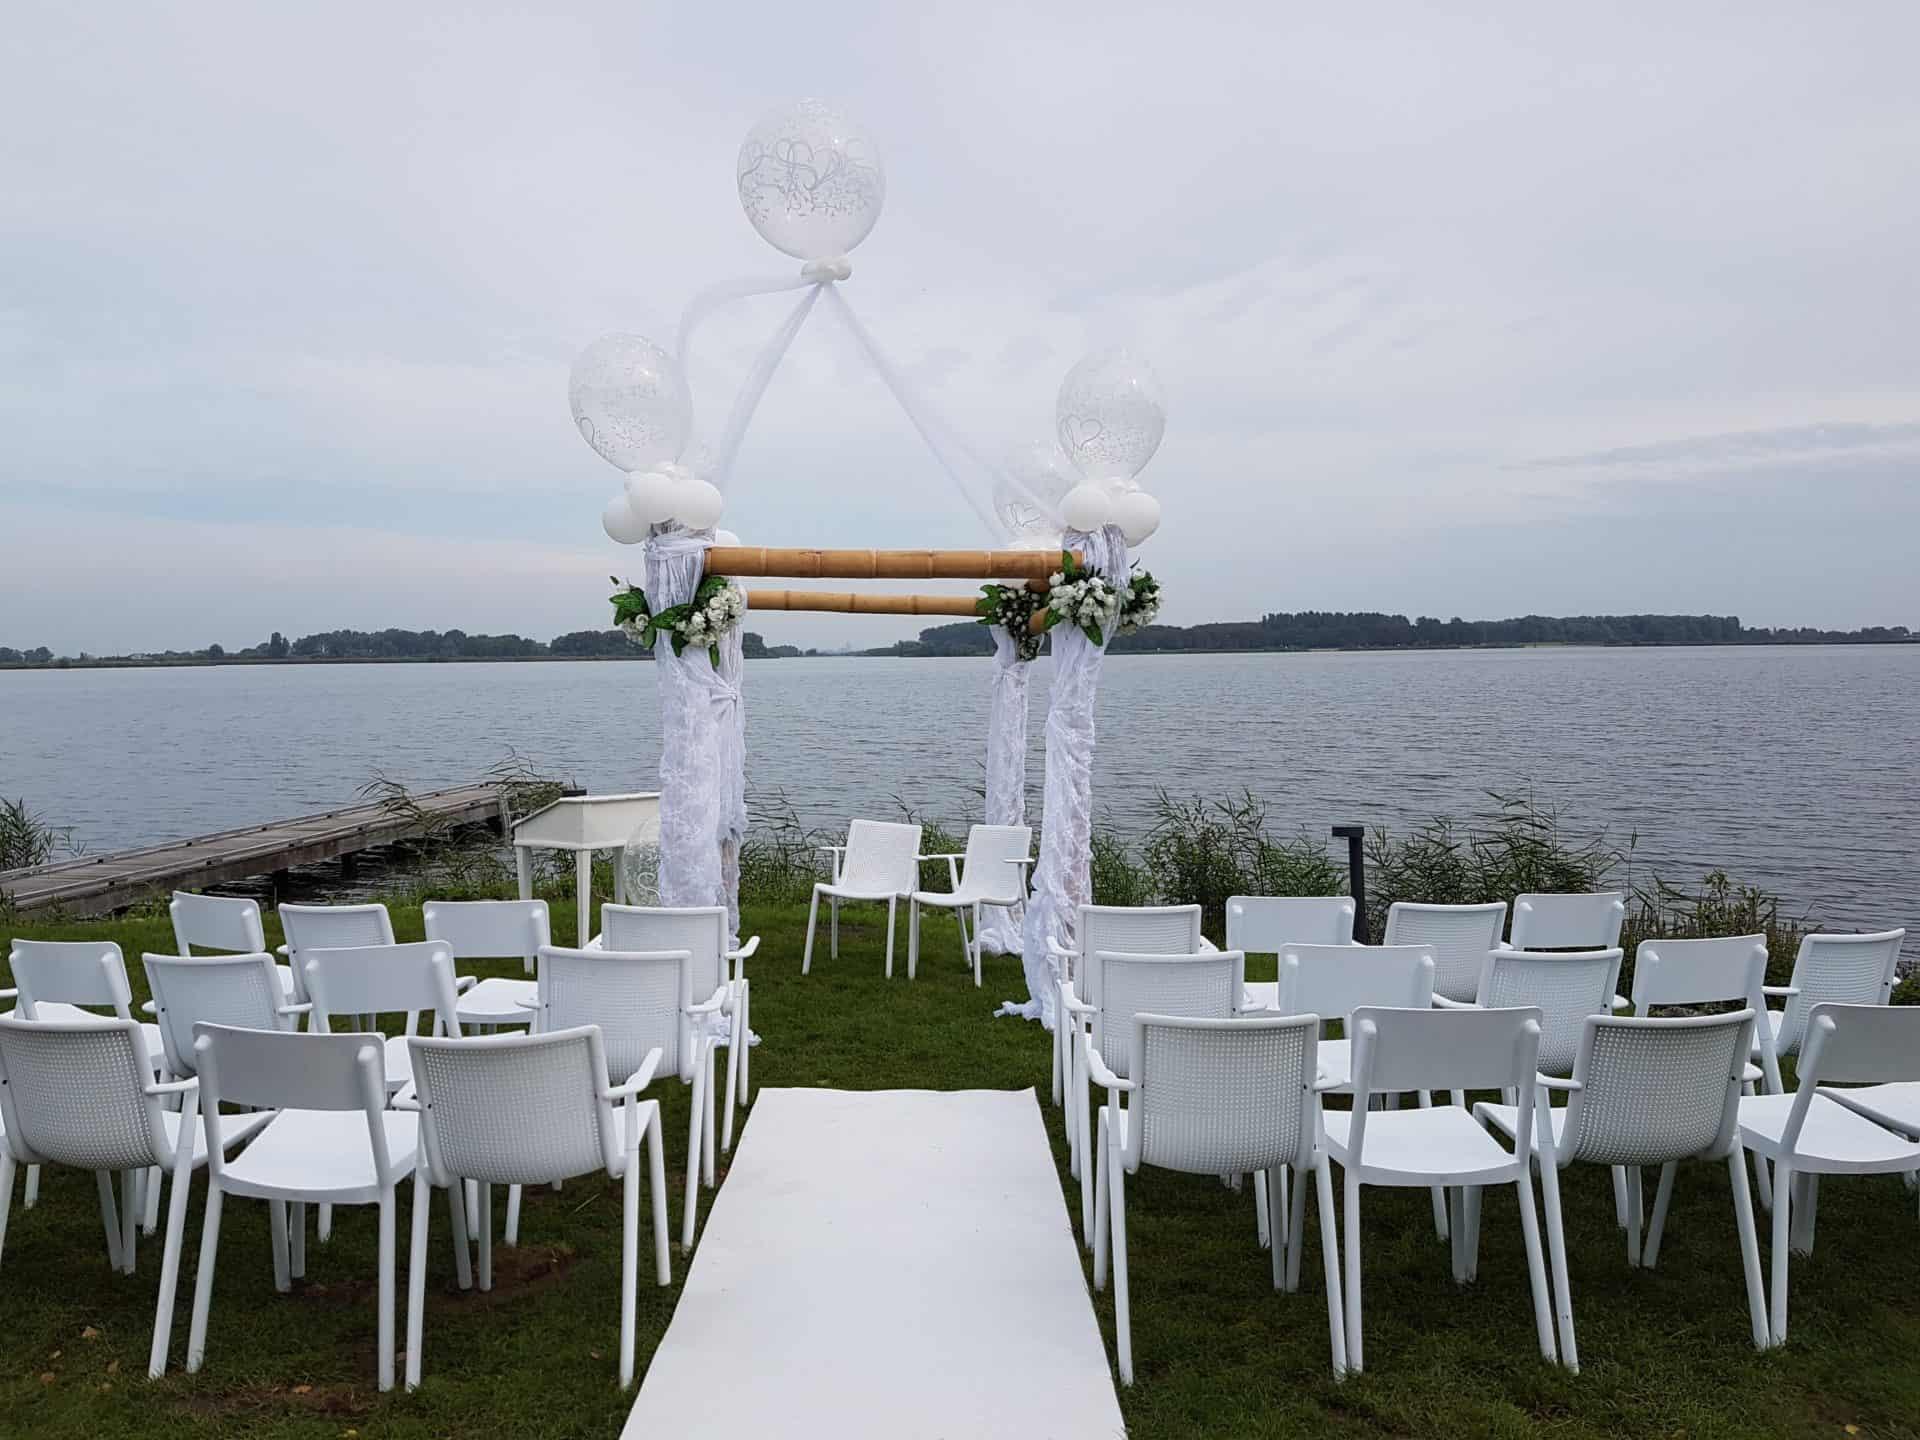 prieel-ballondecoratie-bruiloft-paviljoen-Twiske-oostzaan-het-pretpaleis